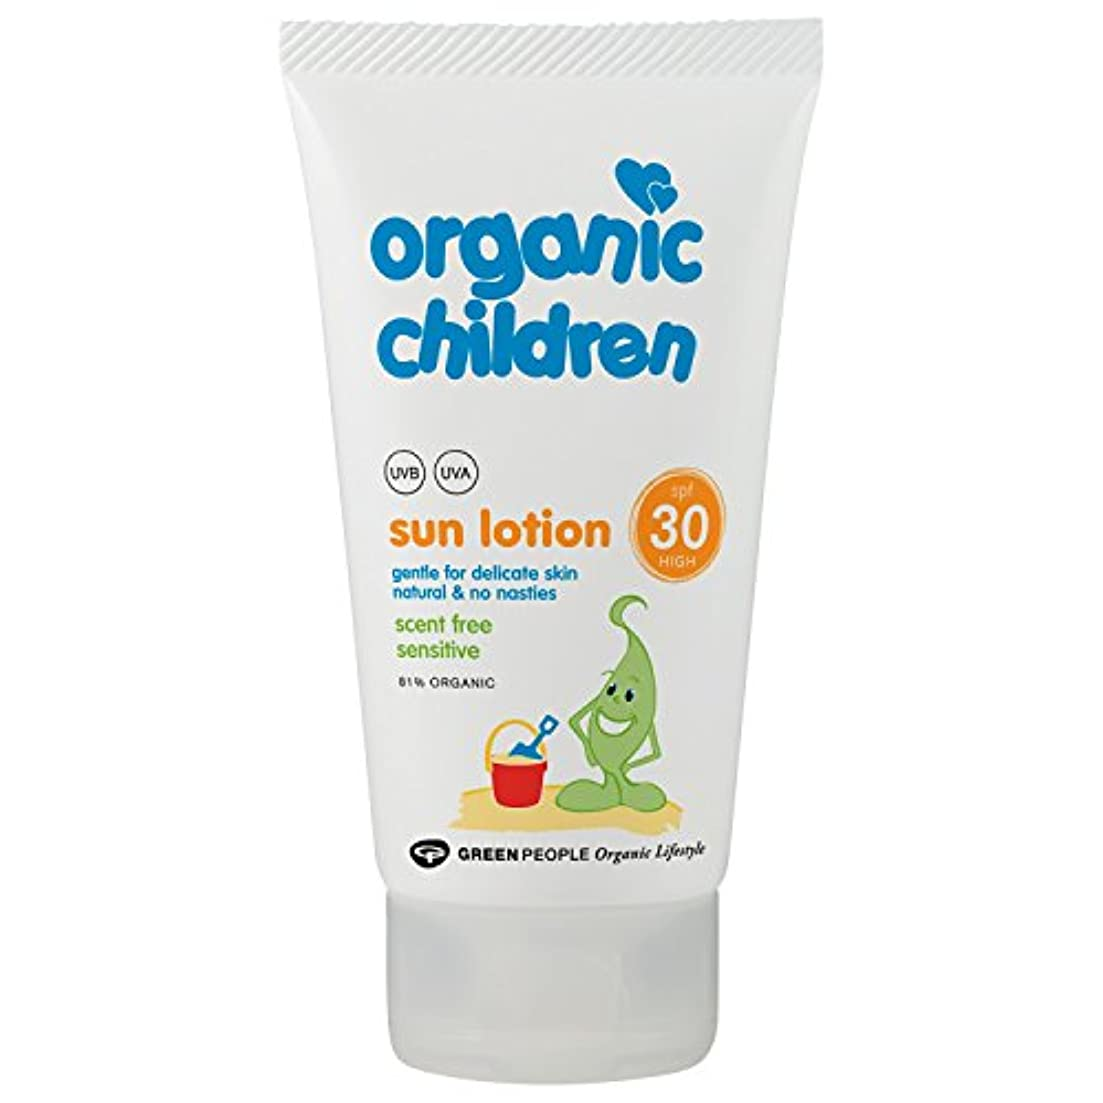 致命的スカーフ矩形Organic Children SPF 30 Sun Lotion 150g (Pack of 6) - 有機子どもたちは30日のローション150グラムを x6 [並行輸入品]